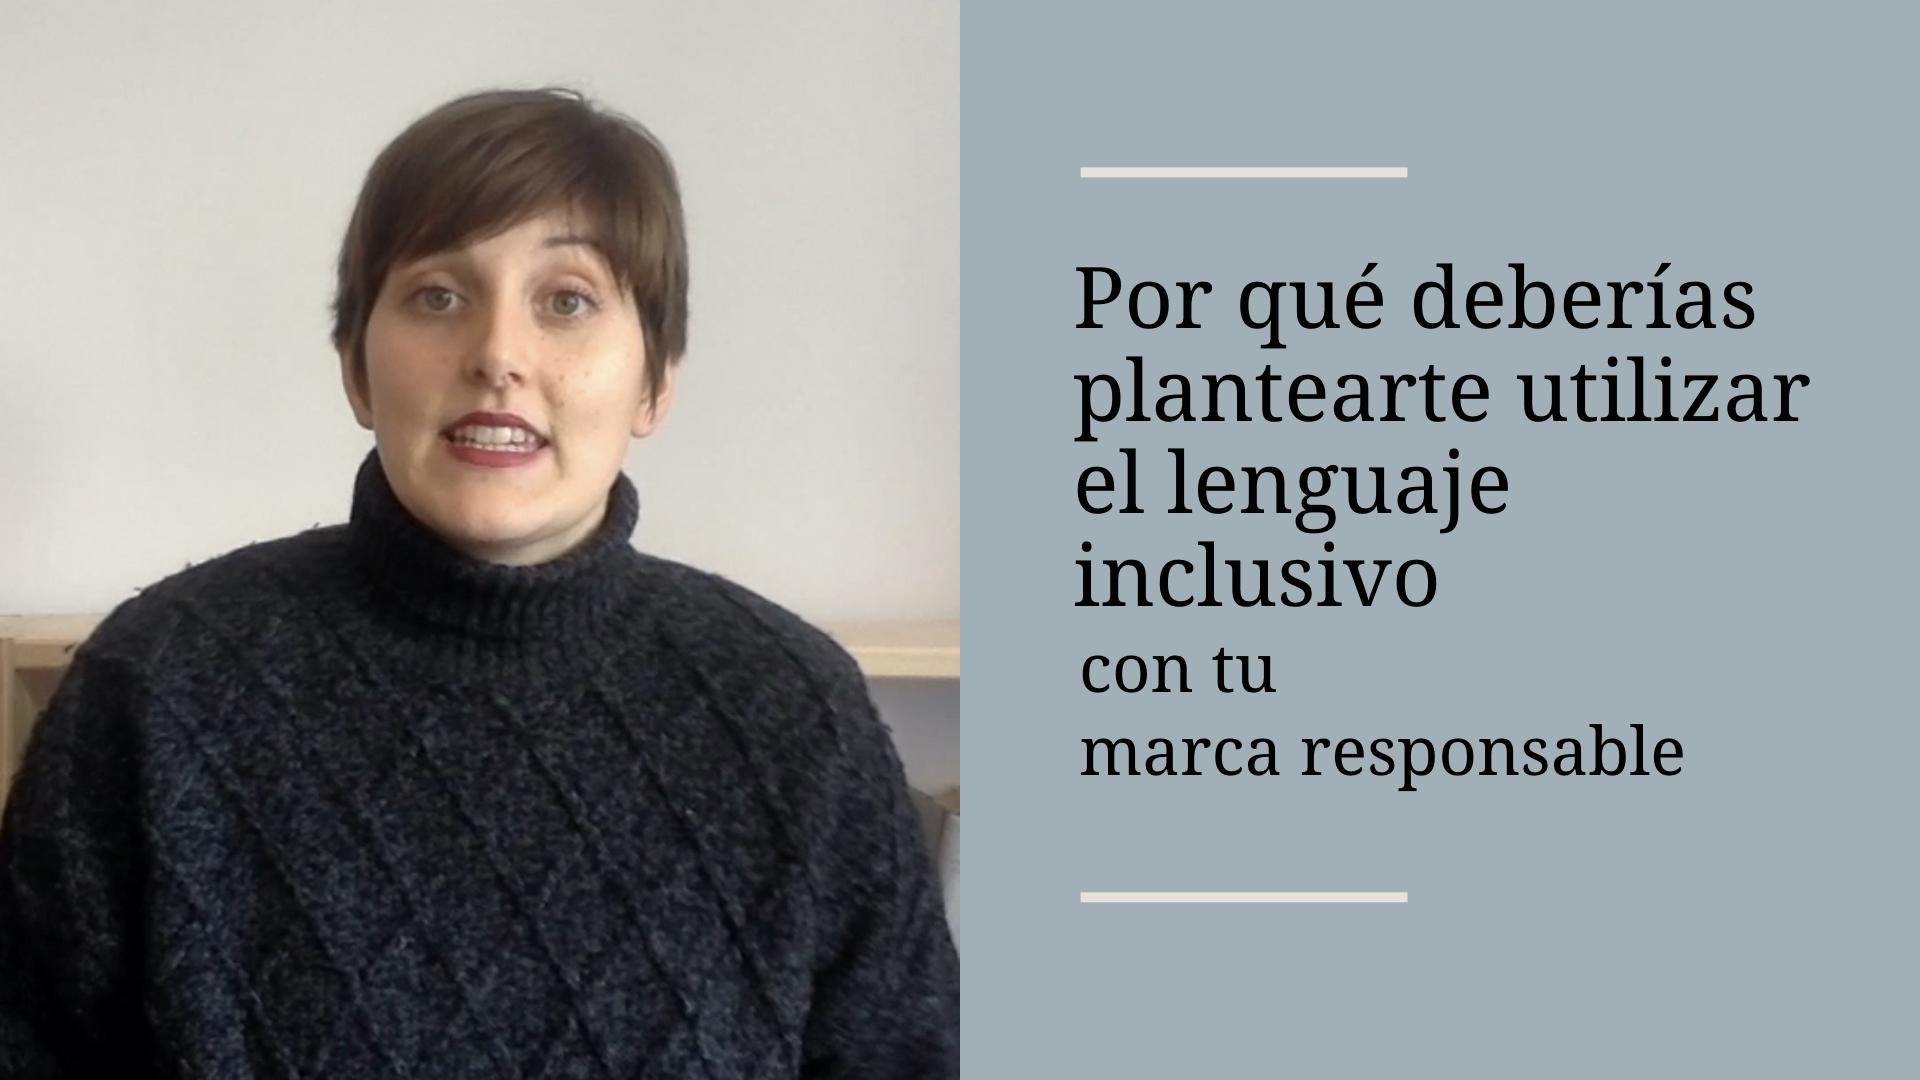 Por qué deberías plantearte utilizar el lenguaje inclusivo con tu marca responsable